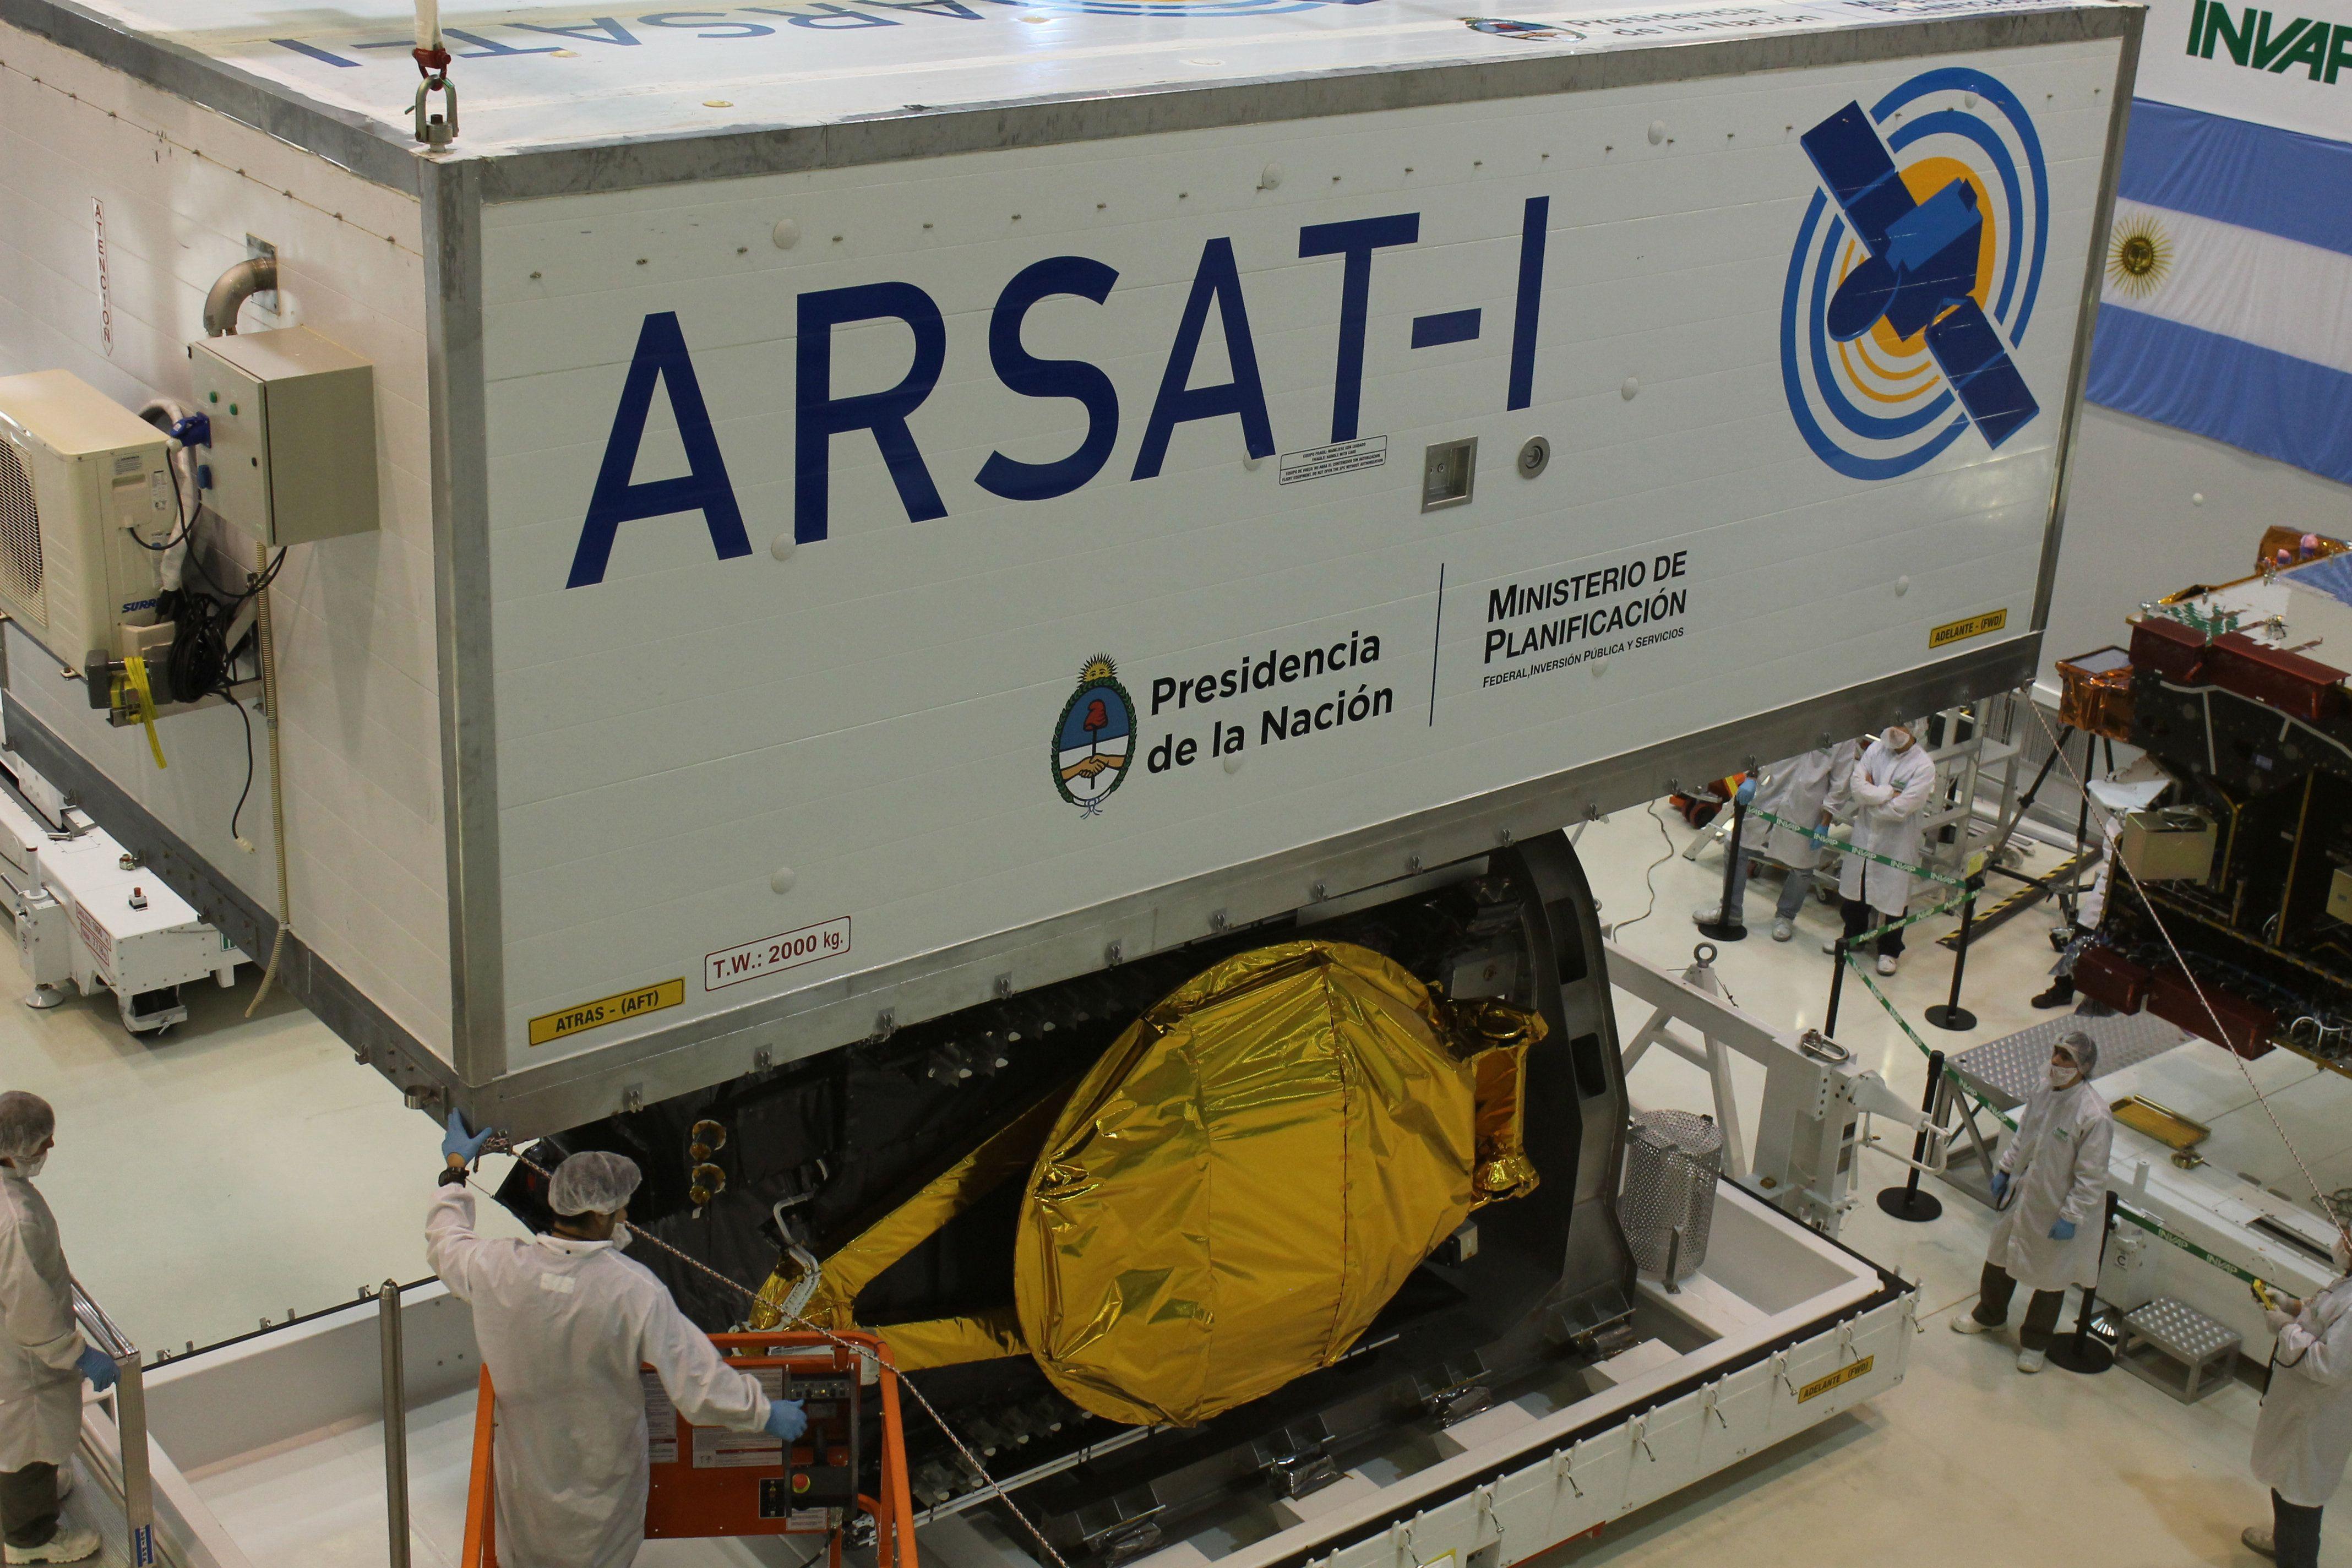 Todo listo para enviar el primer satélite argentino al espacio